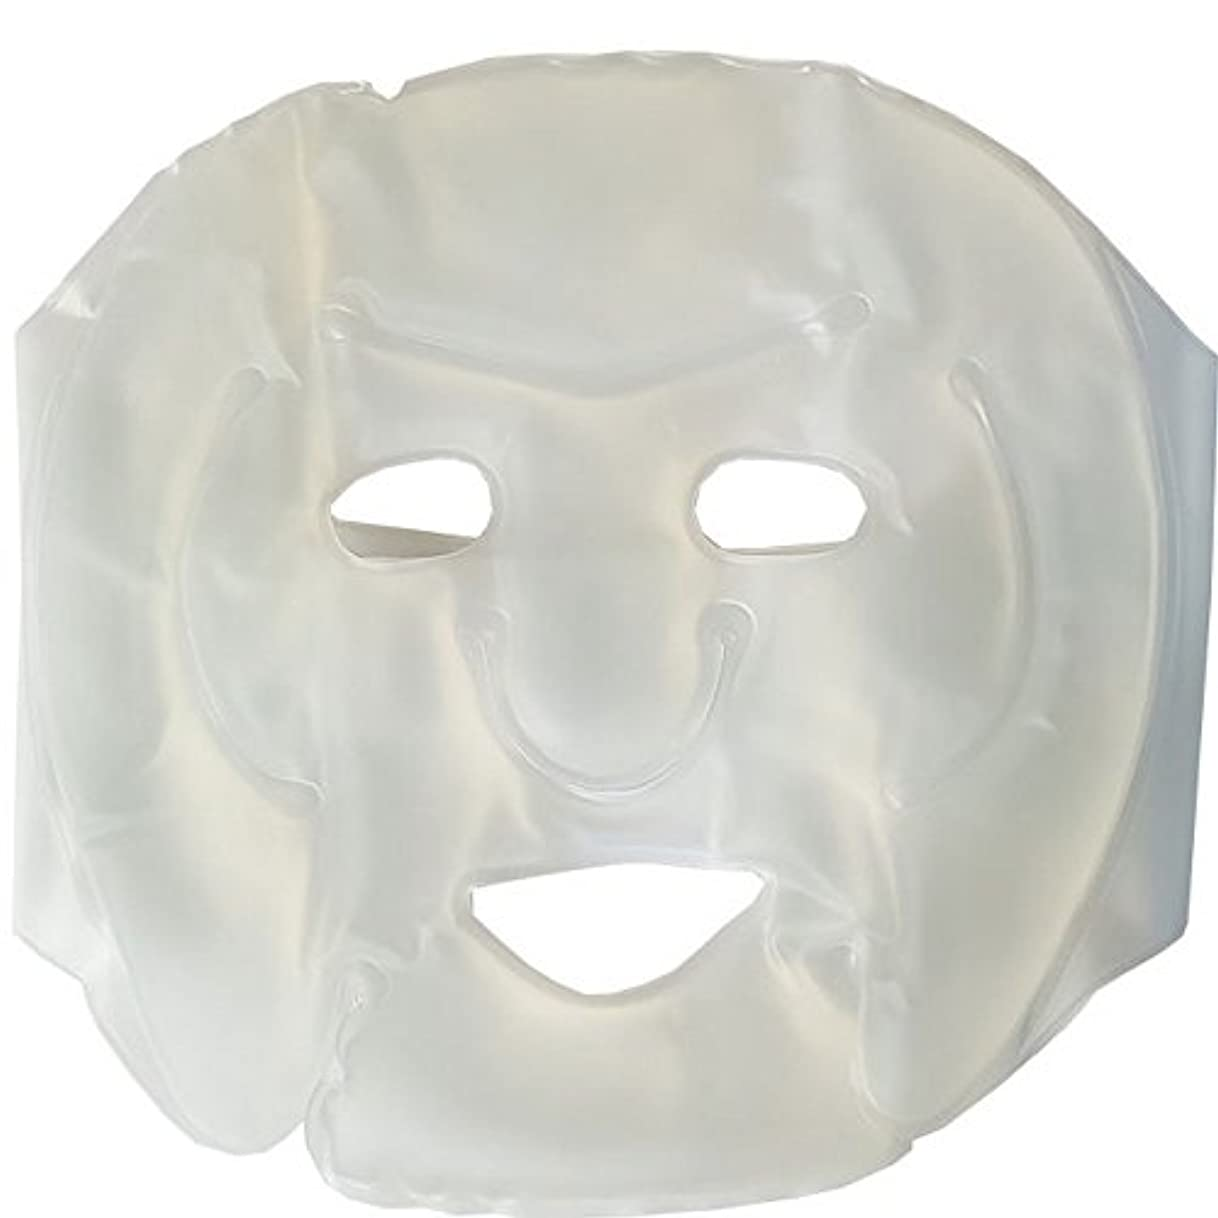 慣らす現像マルクス主義MDP 顔マッサージジェルマスク アイスジェルパック 冷却パック アイスマスク アイスパック レーザー後の鎮静に グリーン